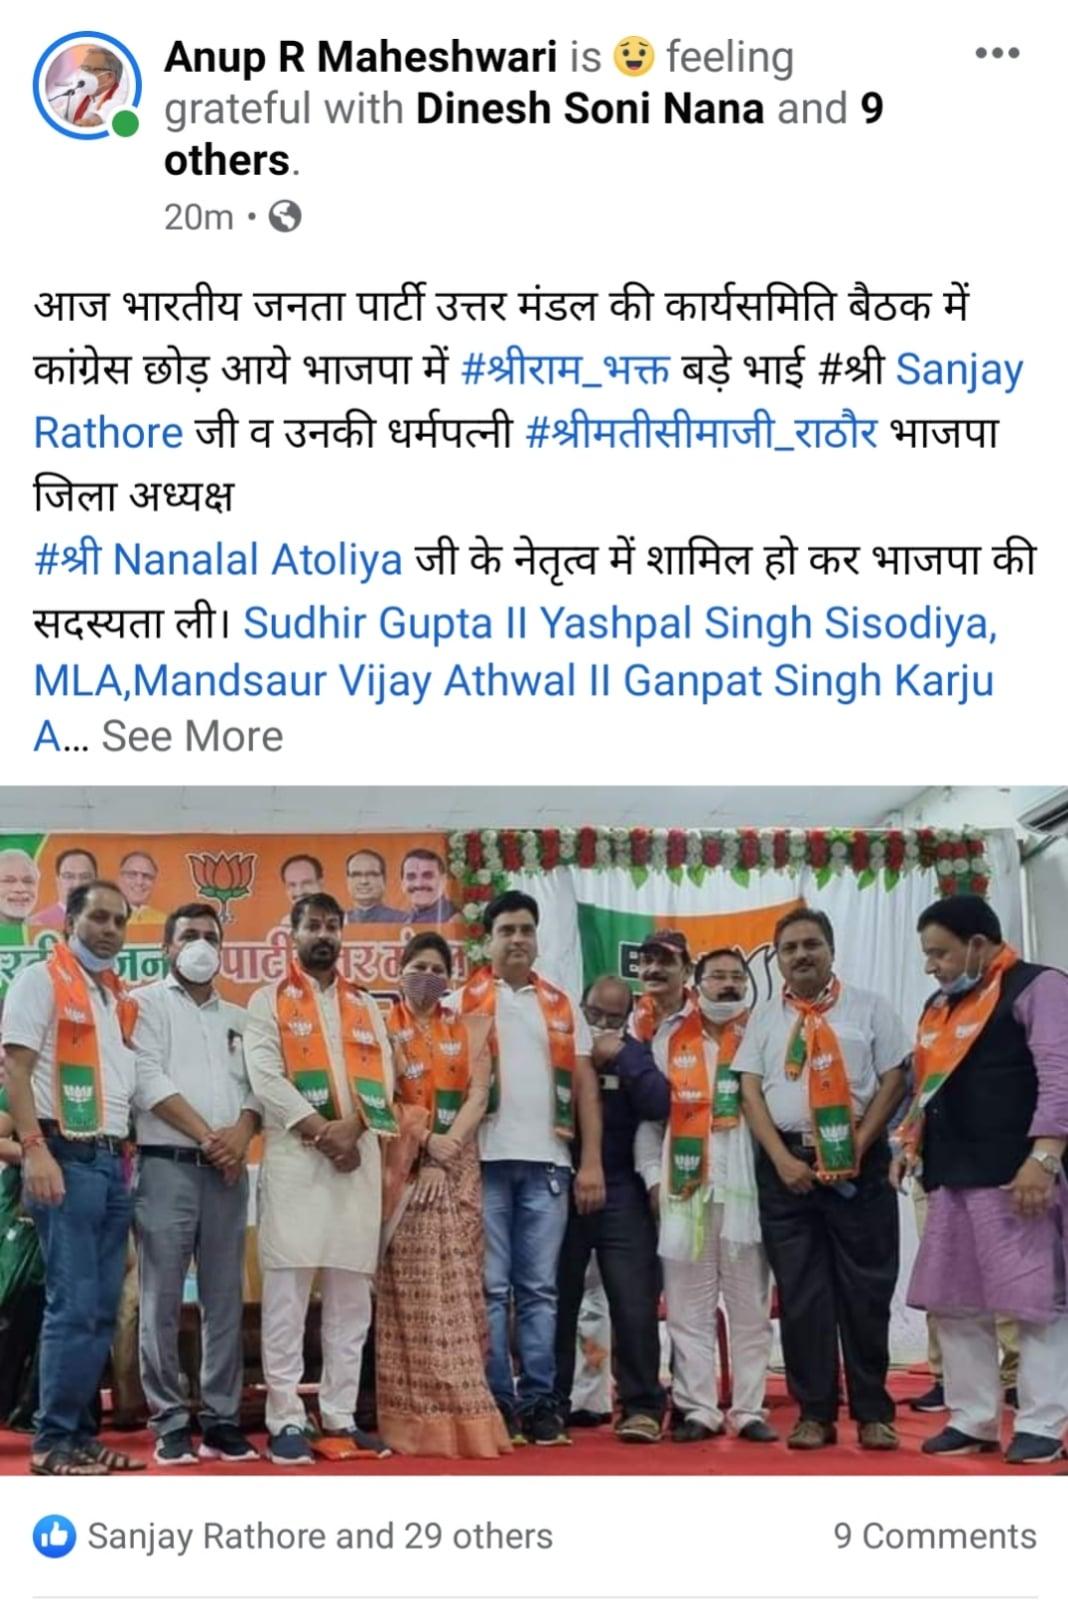 #कल कांग्रेस नेताओं ने सरकार को कोसा... आज कांग्रेस के पूर्व पार्षद दम्पती ने नेताओं को कोसते हुई भाजपा को अपना लिया...!